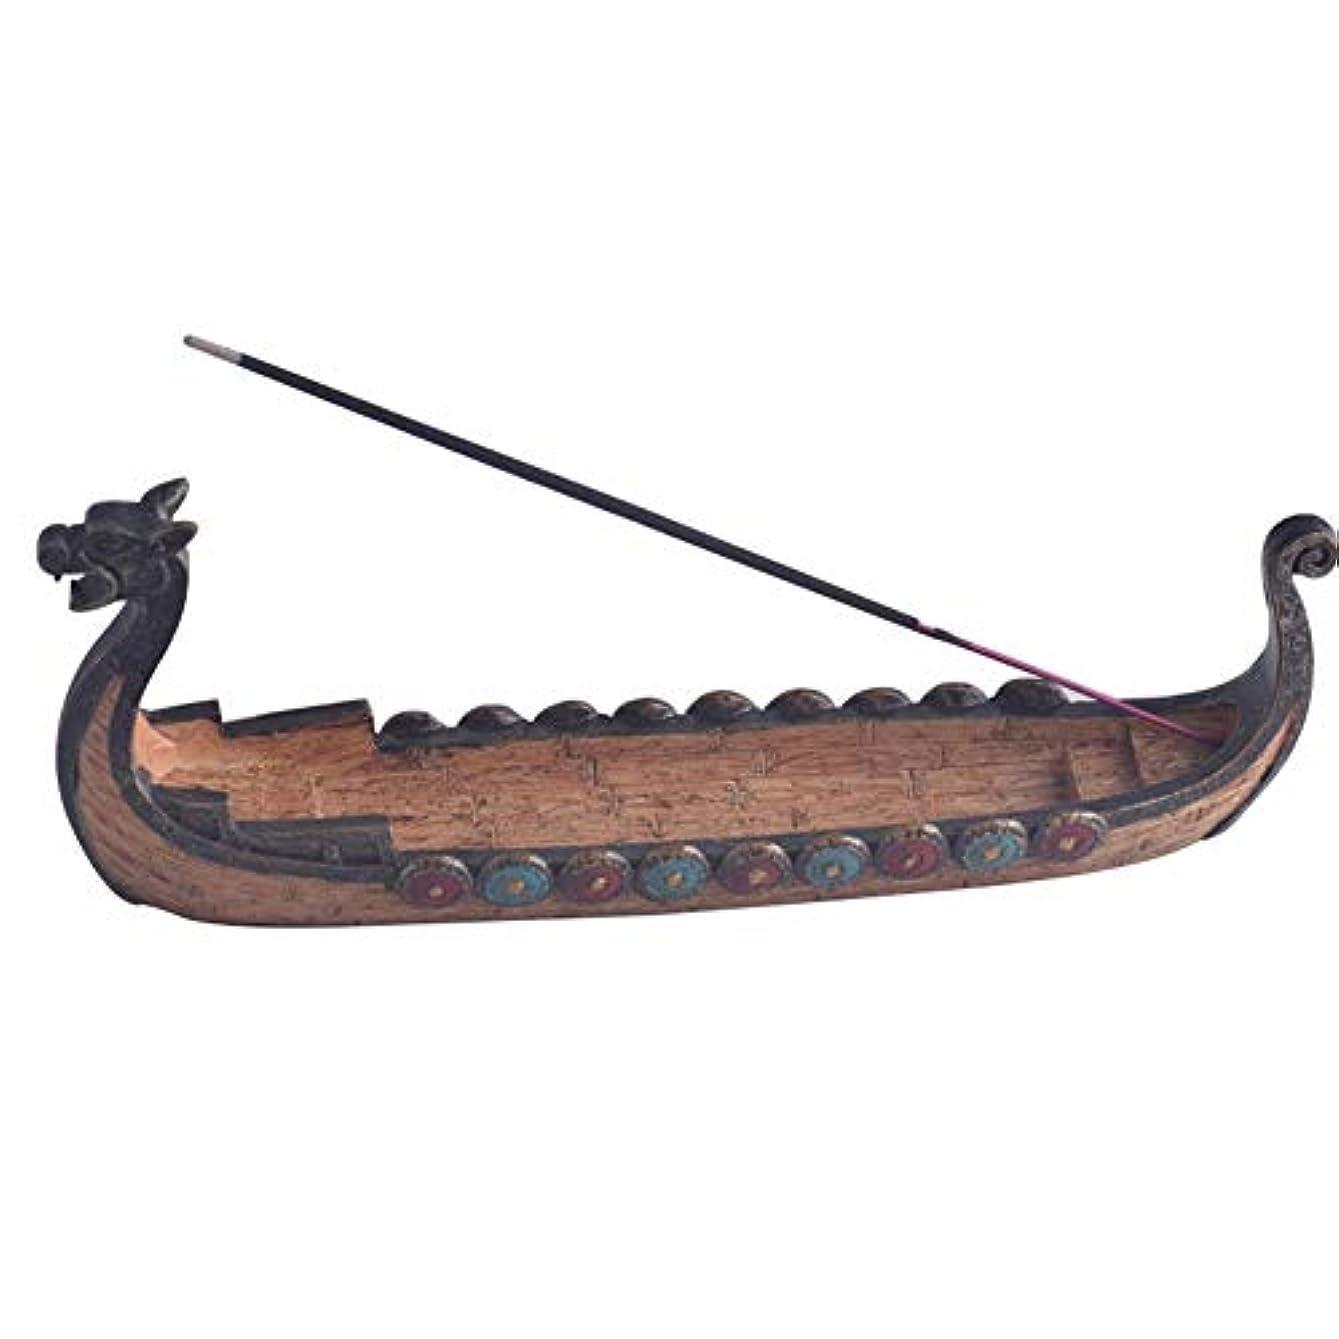 伝統的適性渇きTenflyer スティック香中国の伝統的な家の装飾のためのドラゴンボート型香炉